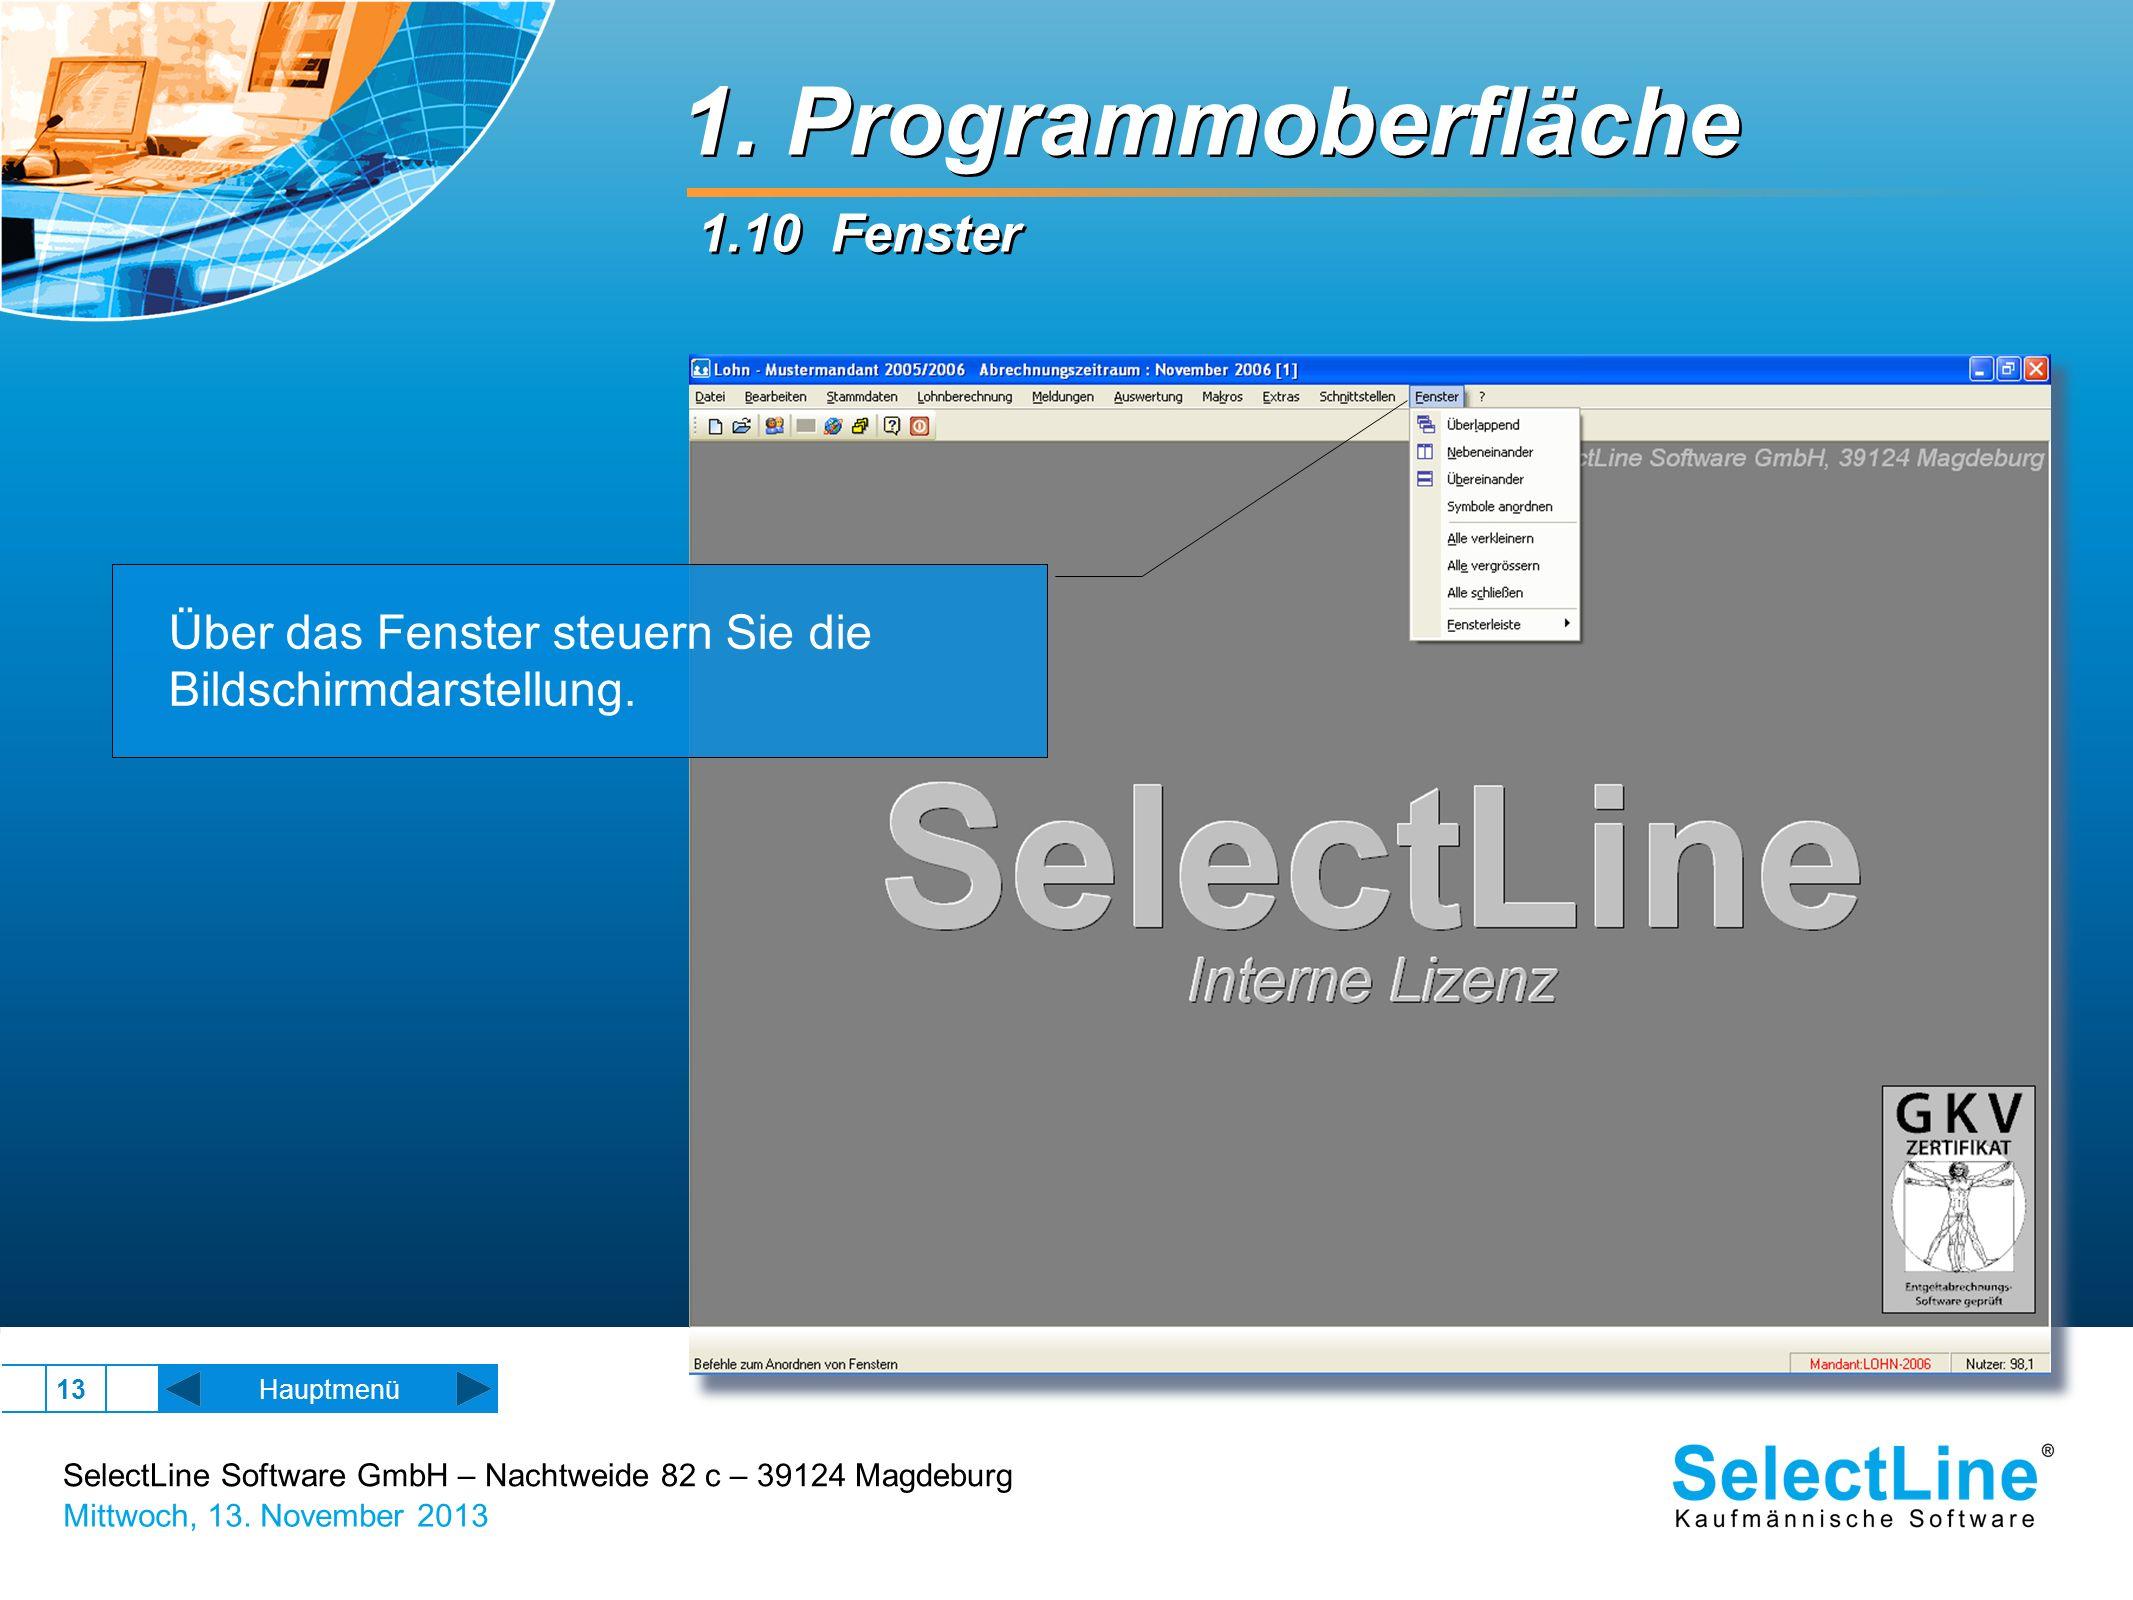 SelectLine Software GmbH – Nachtweide 82 c – 39124 Magdeburg Mittwoch, 13. November 2013 13 1. Programmoberfläche 1.10 Fenster Hauptmenü Über das Fens